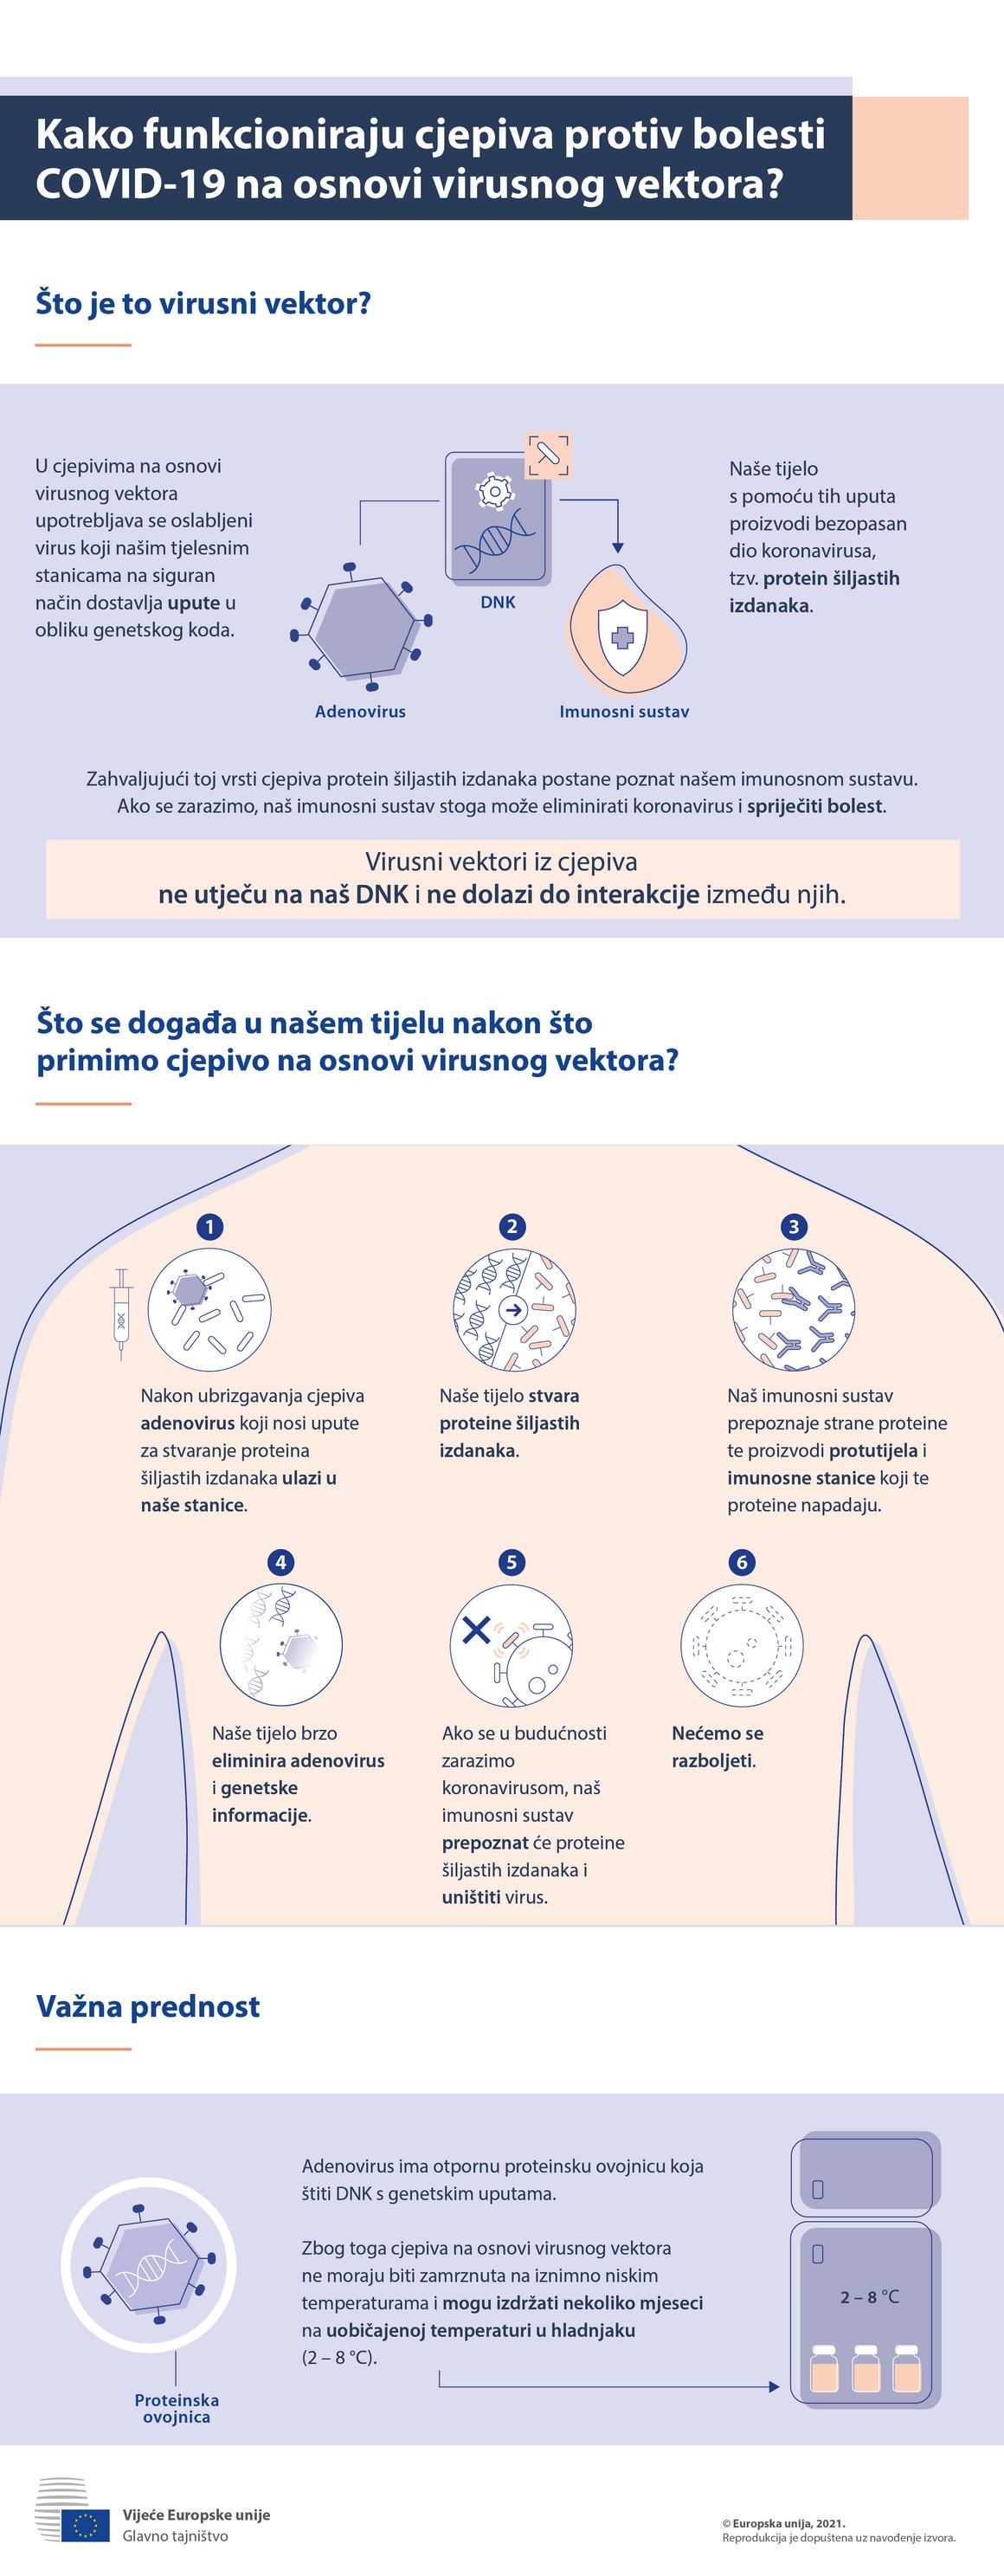 Inforgrafika – Cjepiva protiv bolesti COVID-19 koja sadržavaju virusne vektore: kako djeluju